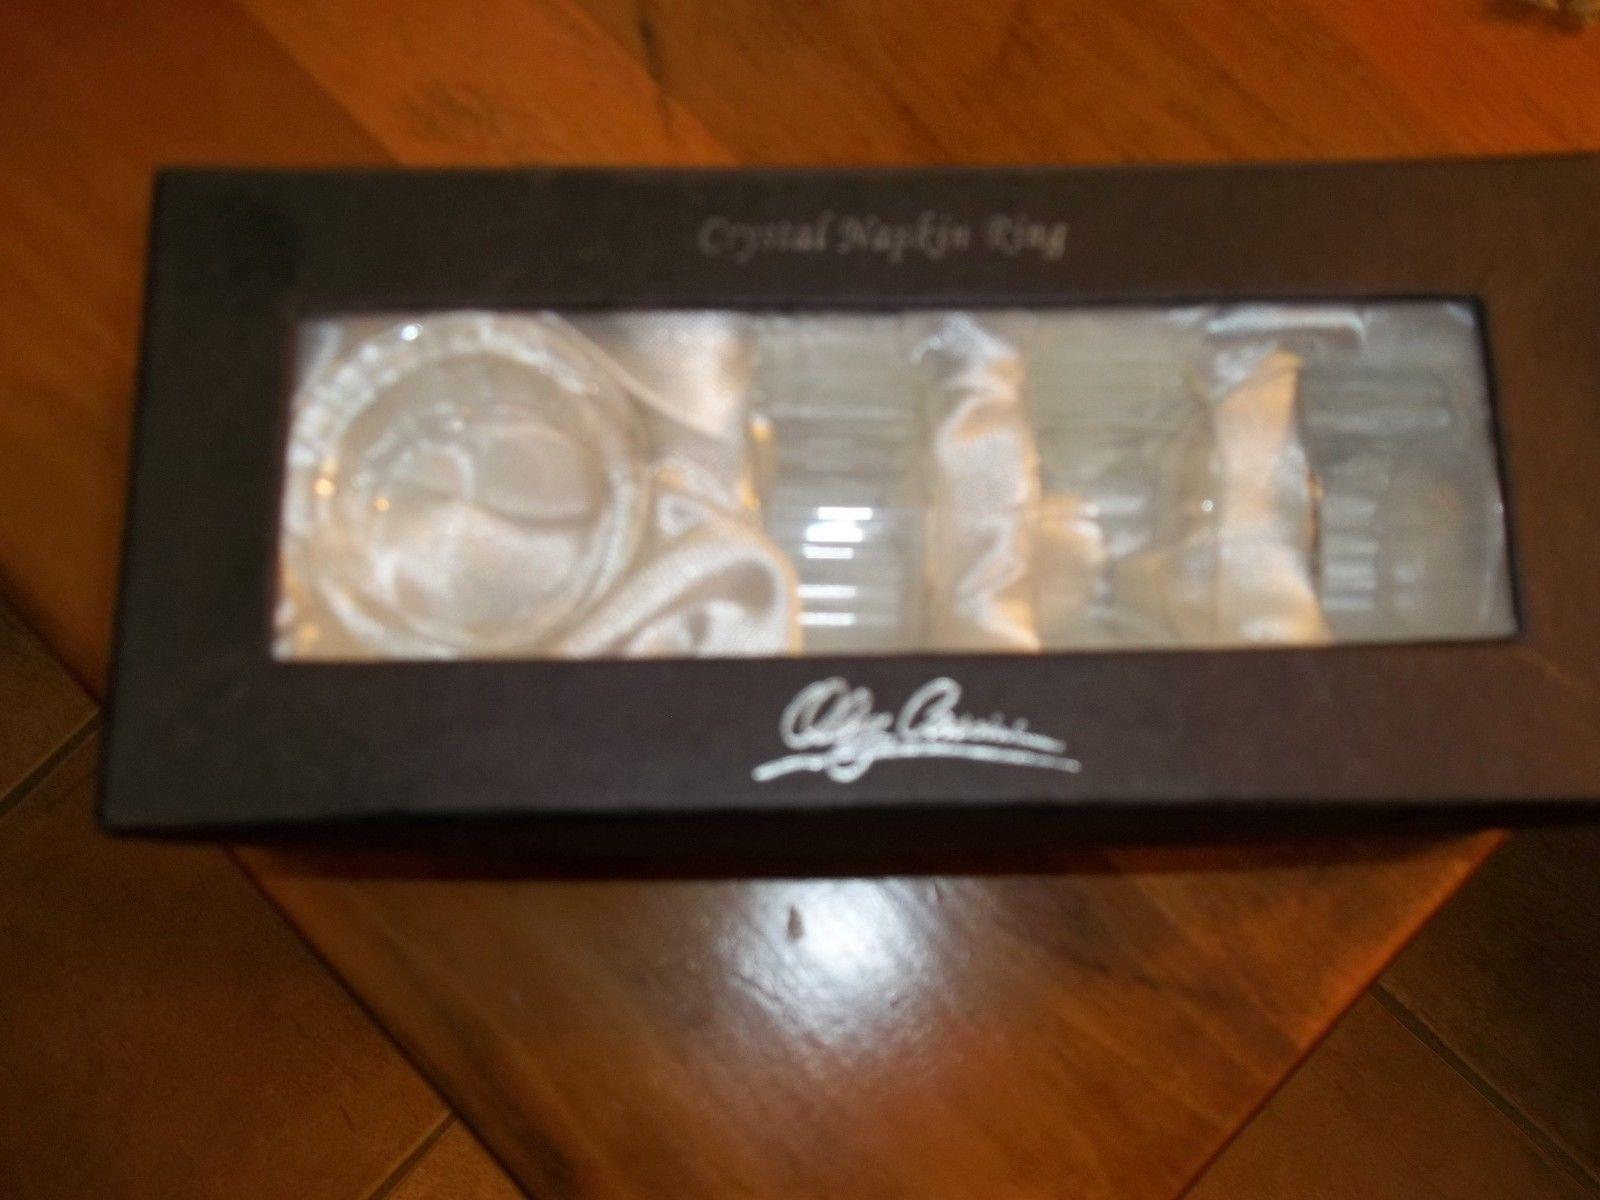 New Set Of 4 Oleg Cassini Crystal Napkin Rings Signed New In Box - $29.69